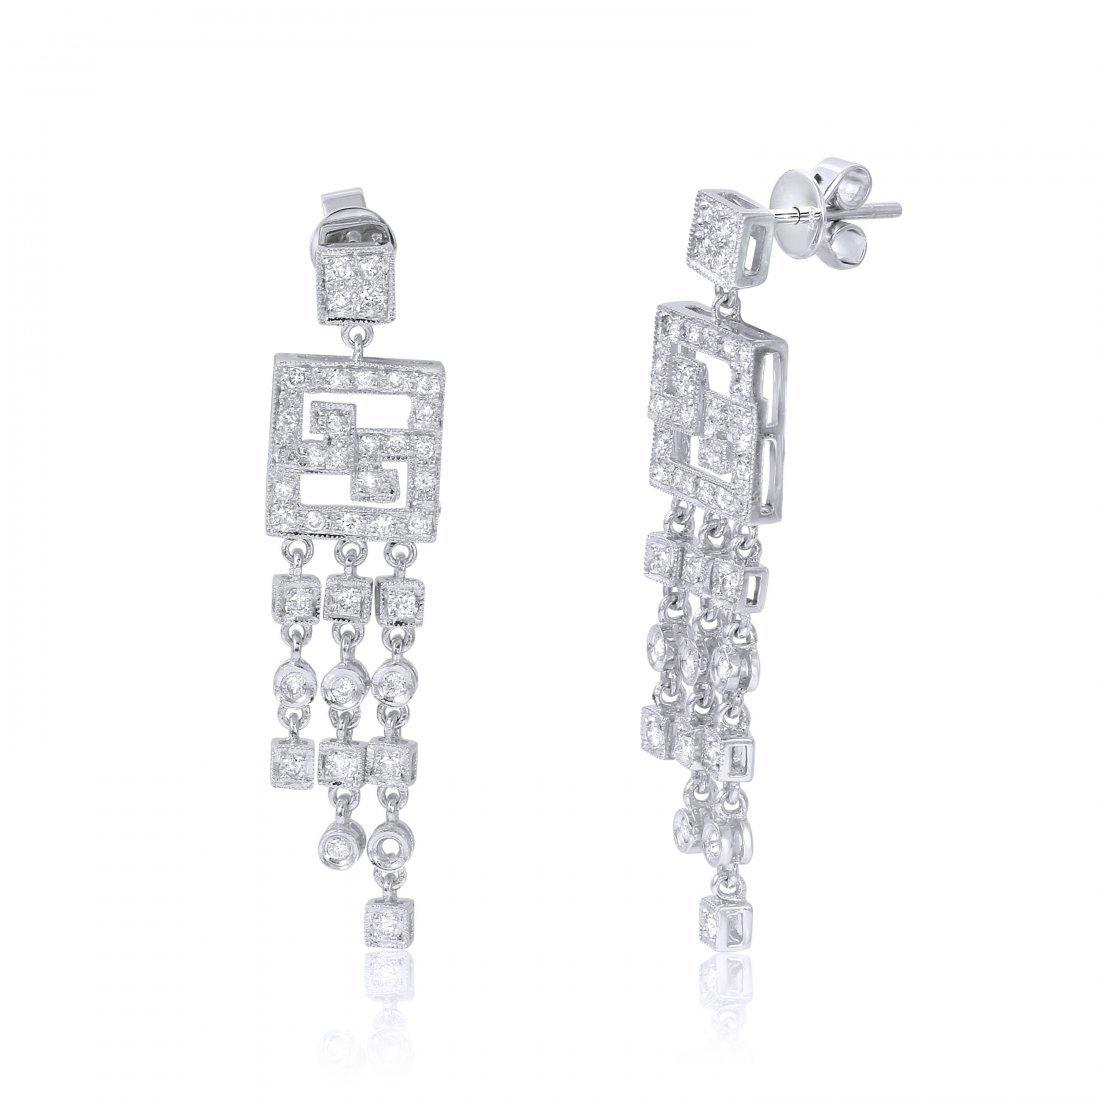 14KT White Gold Diamond Chandelier Earrings